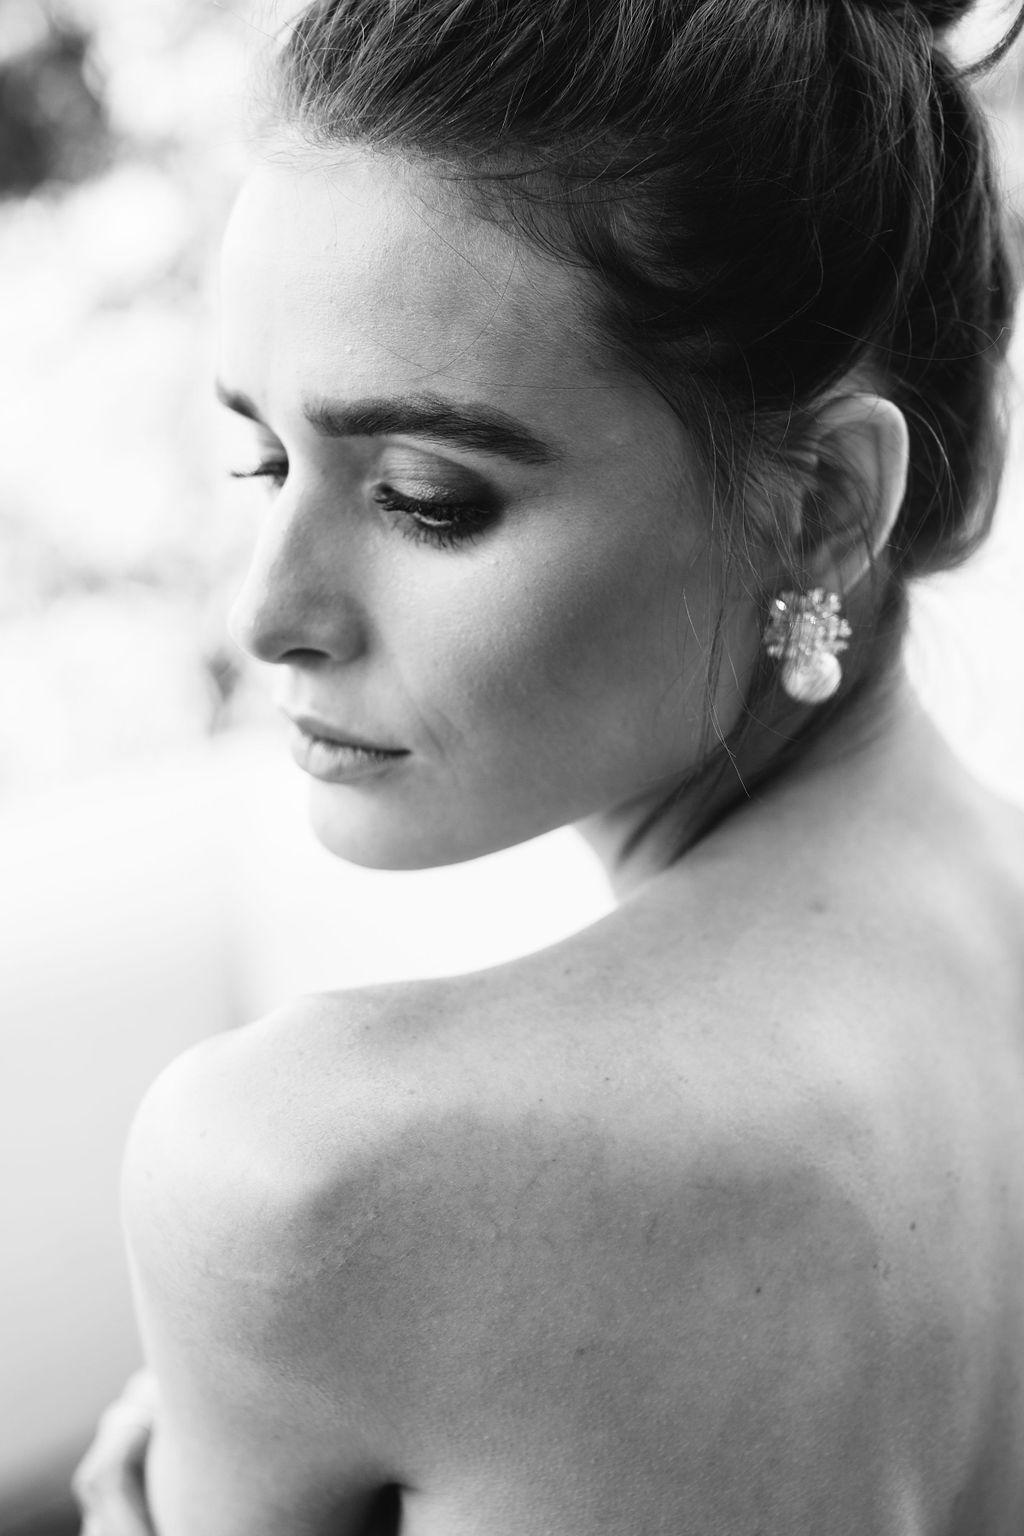 bridal-and-wedding-earrings-18k-gold-starburst-pearl-drop-earrings-26.jpg